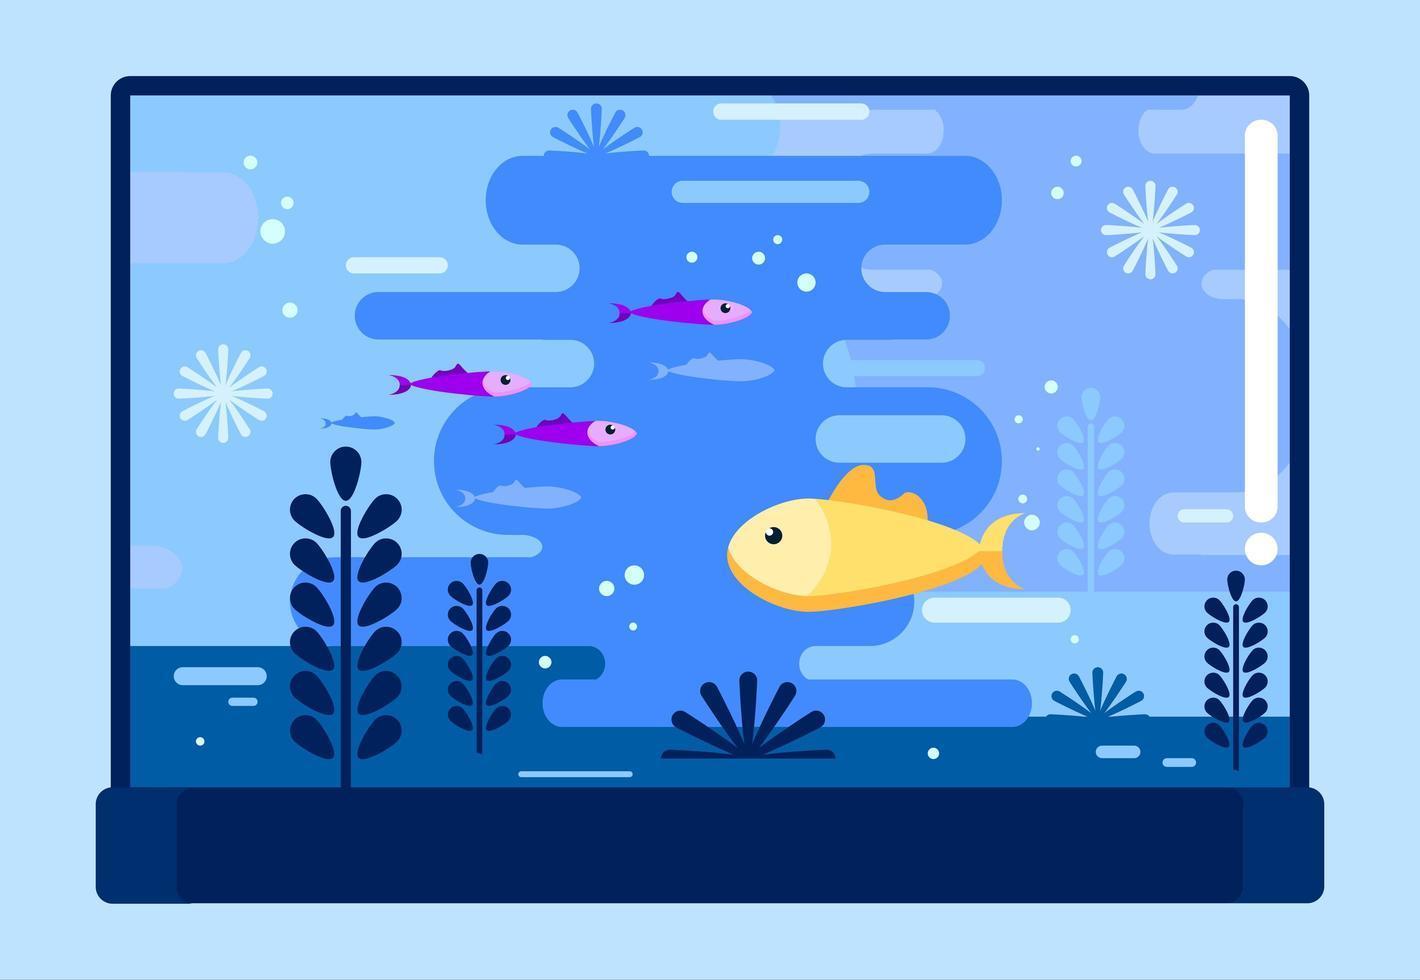 aquário com peixes diferentes em estilo simples vetor